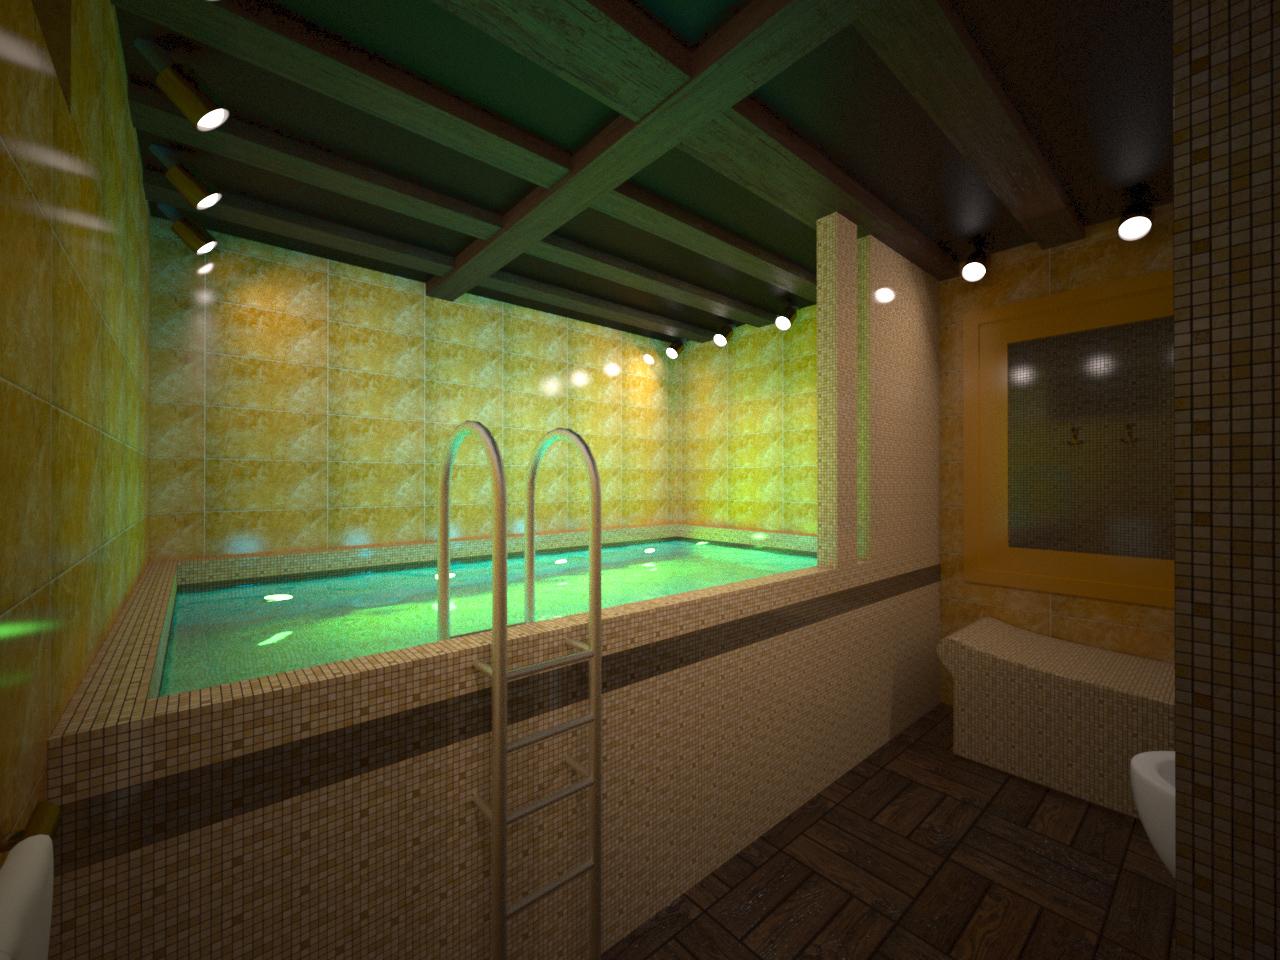 Бассейн в подвале - типы конструкций, фильтры, строительство 20